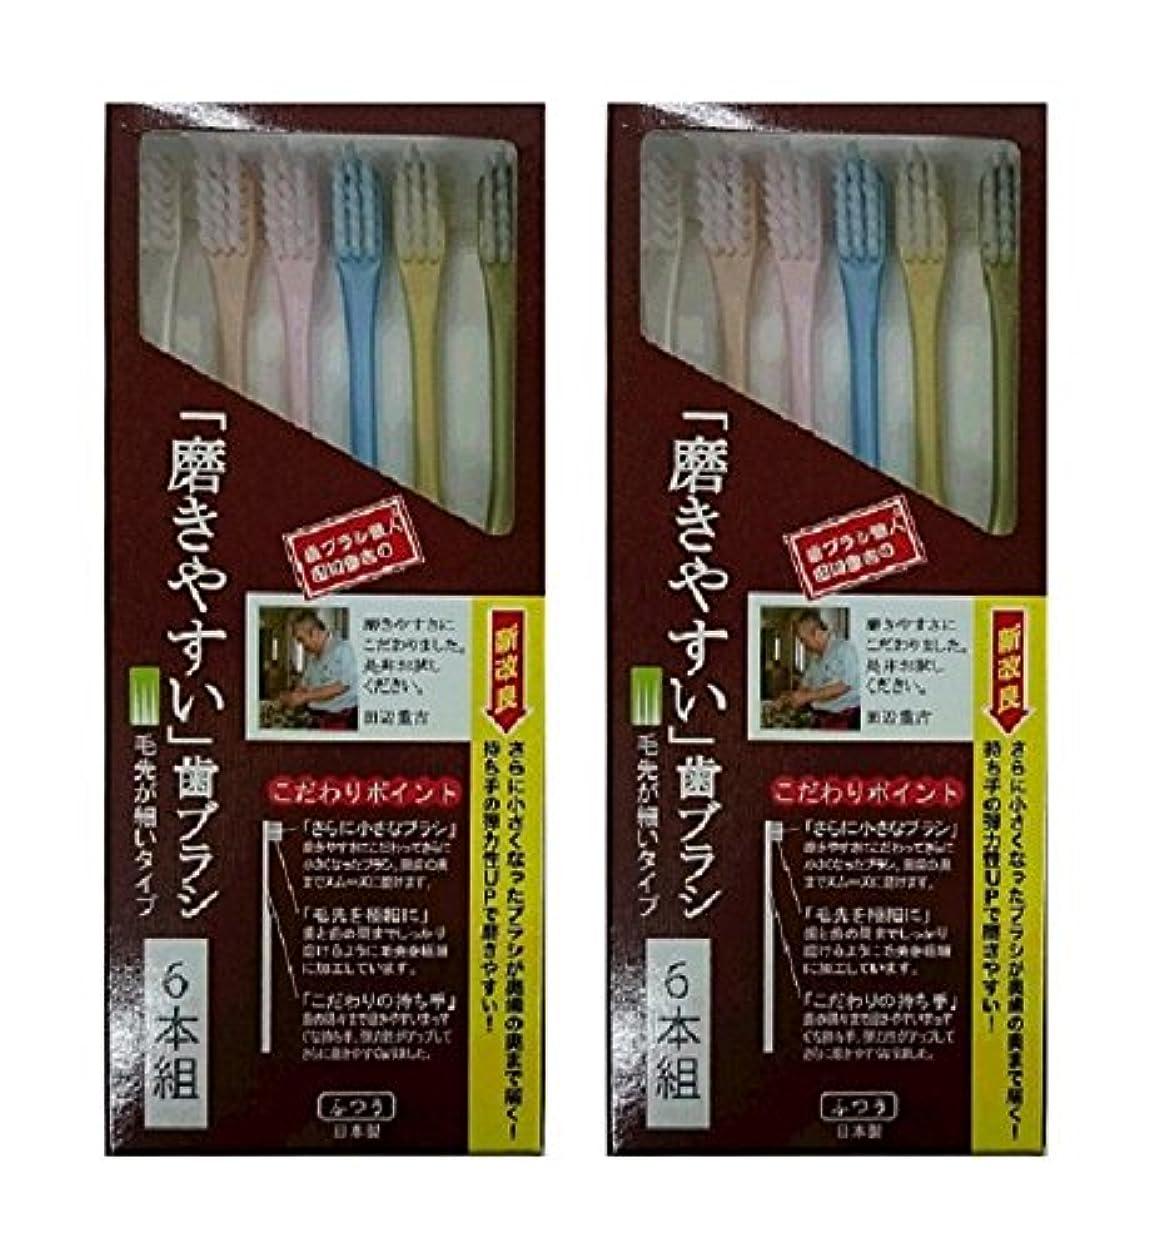 基礎はがき負歯ブラシ職人 田辺重吉考案 磨きやすい歯ブラシ 先細 6本組×2個セット